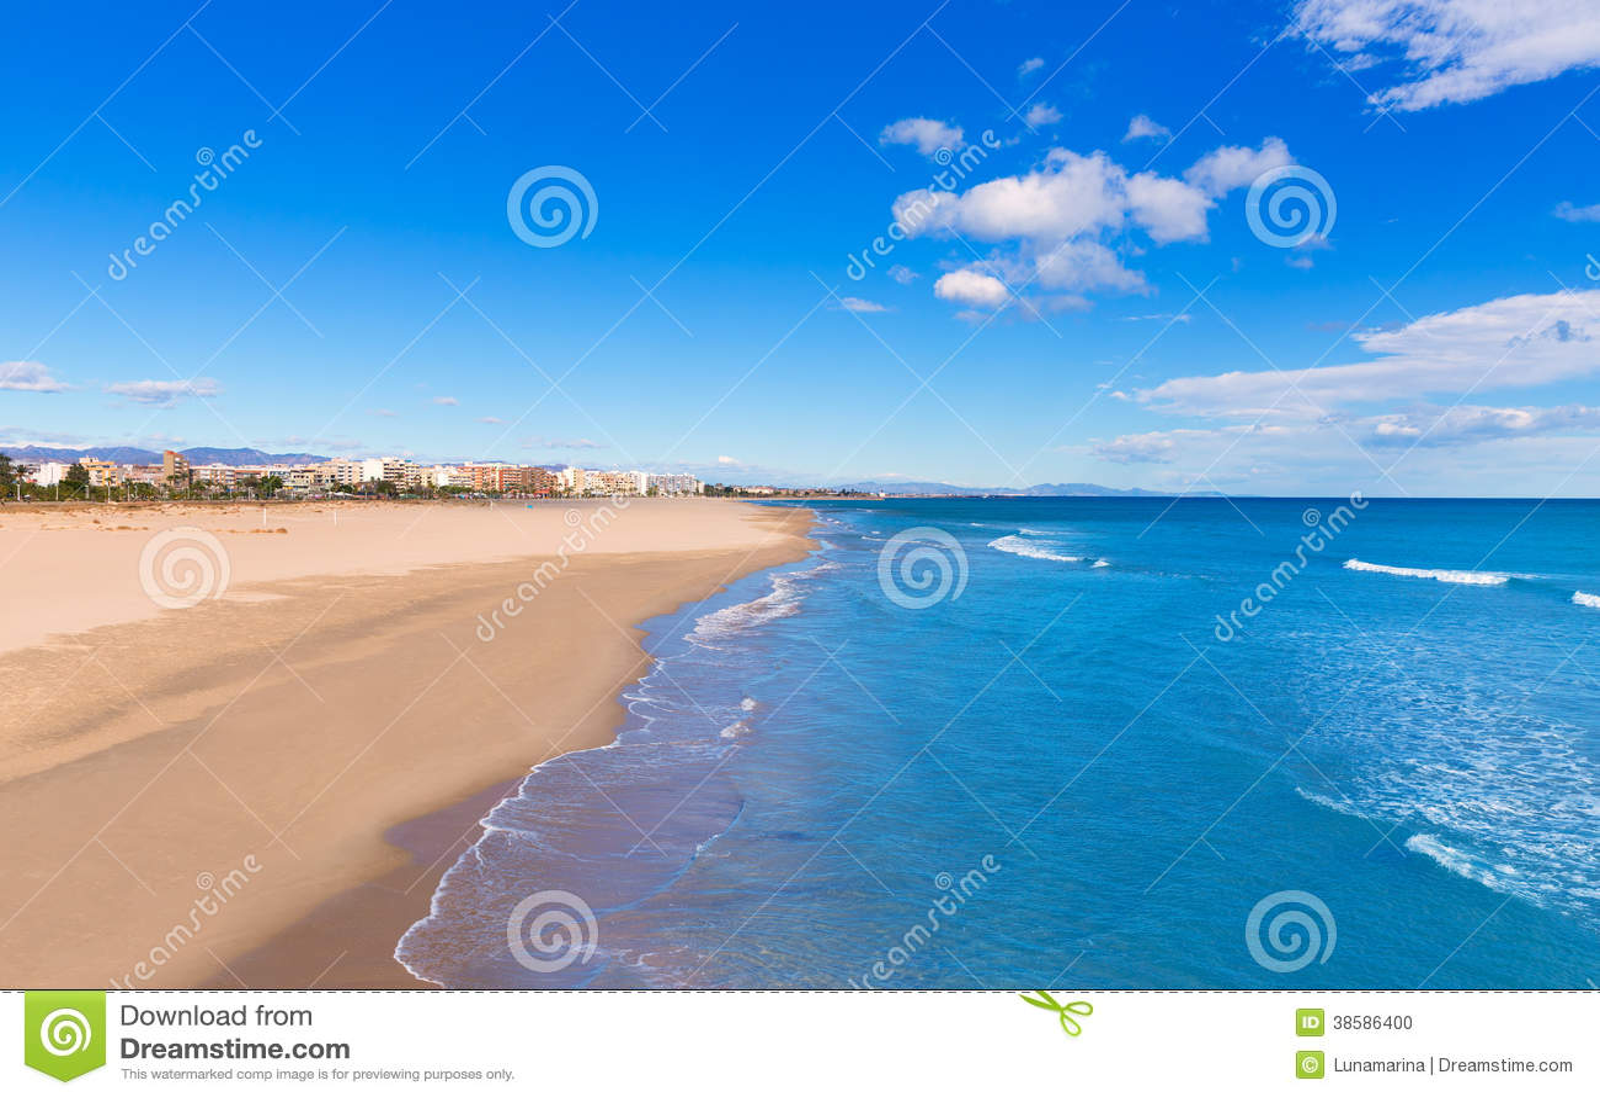 Spiaggia di sagunto a valencia nel giorno soleggiato in for Spiaggia malvarrosa valencia